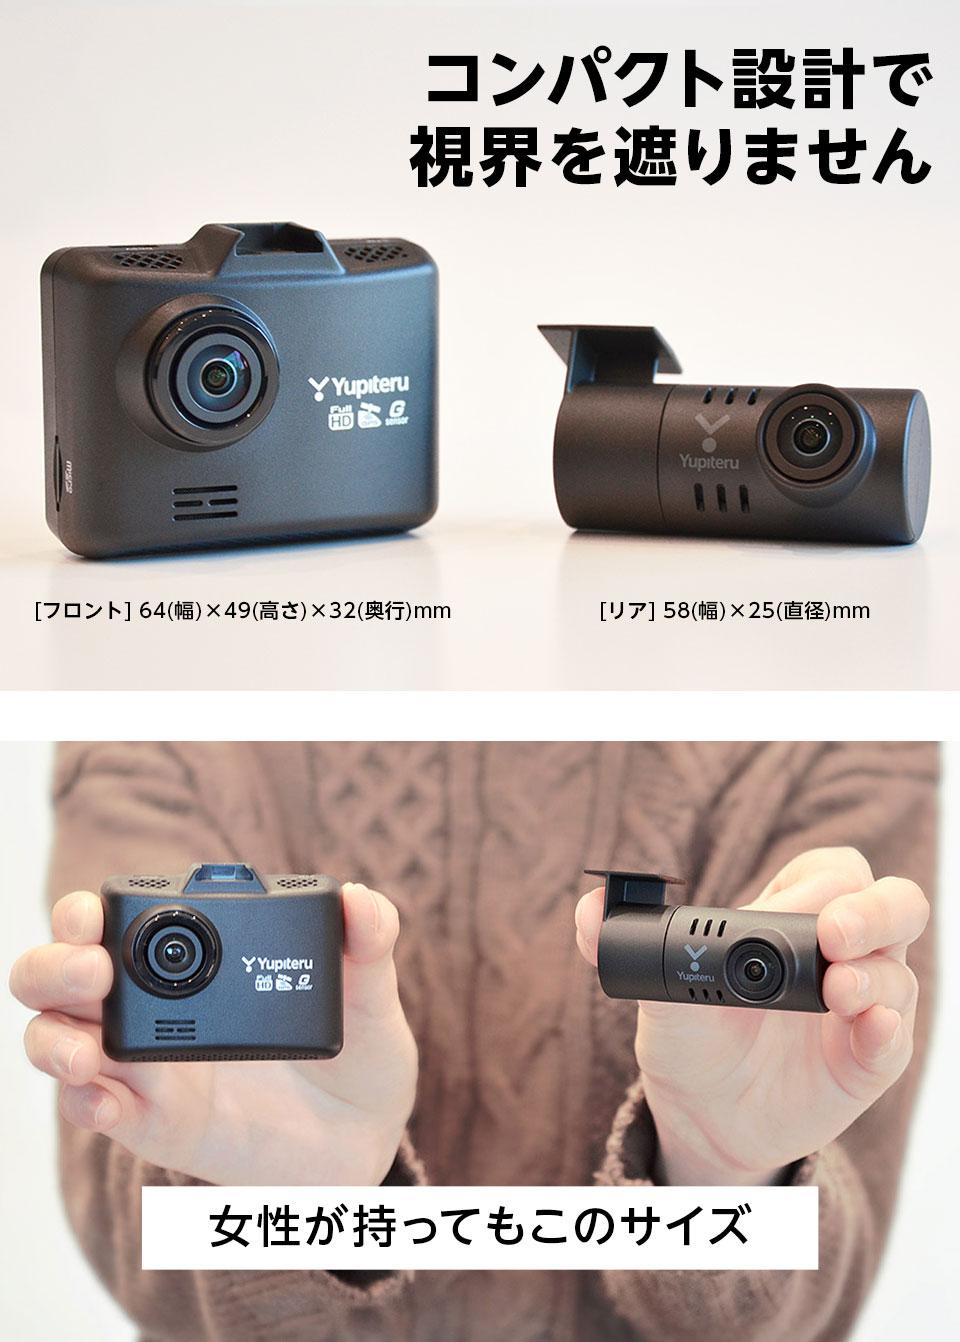 コンパクト設計で視界の妨げを防ぎます DRY-TW7000c